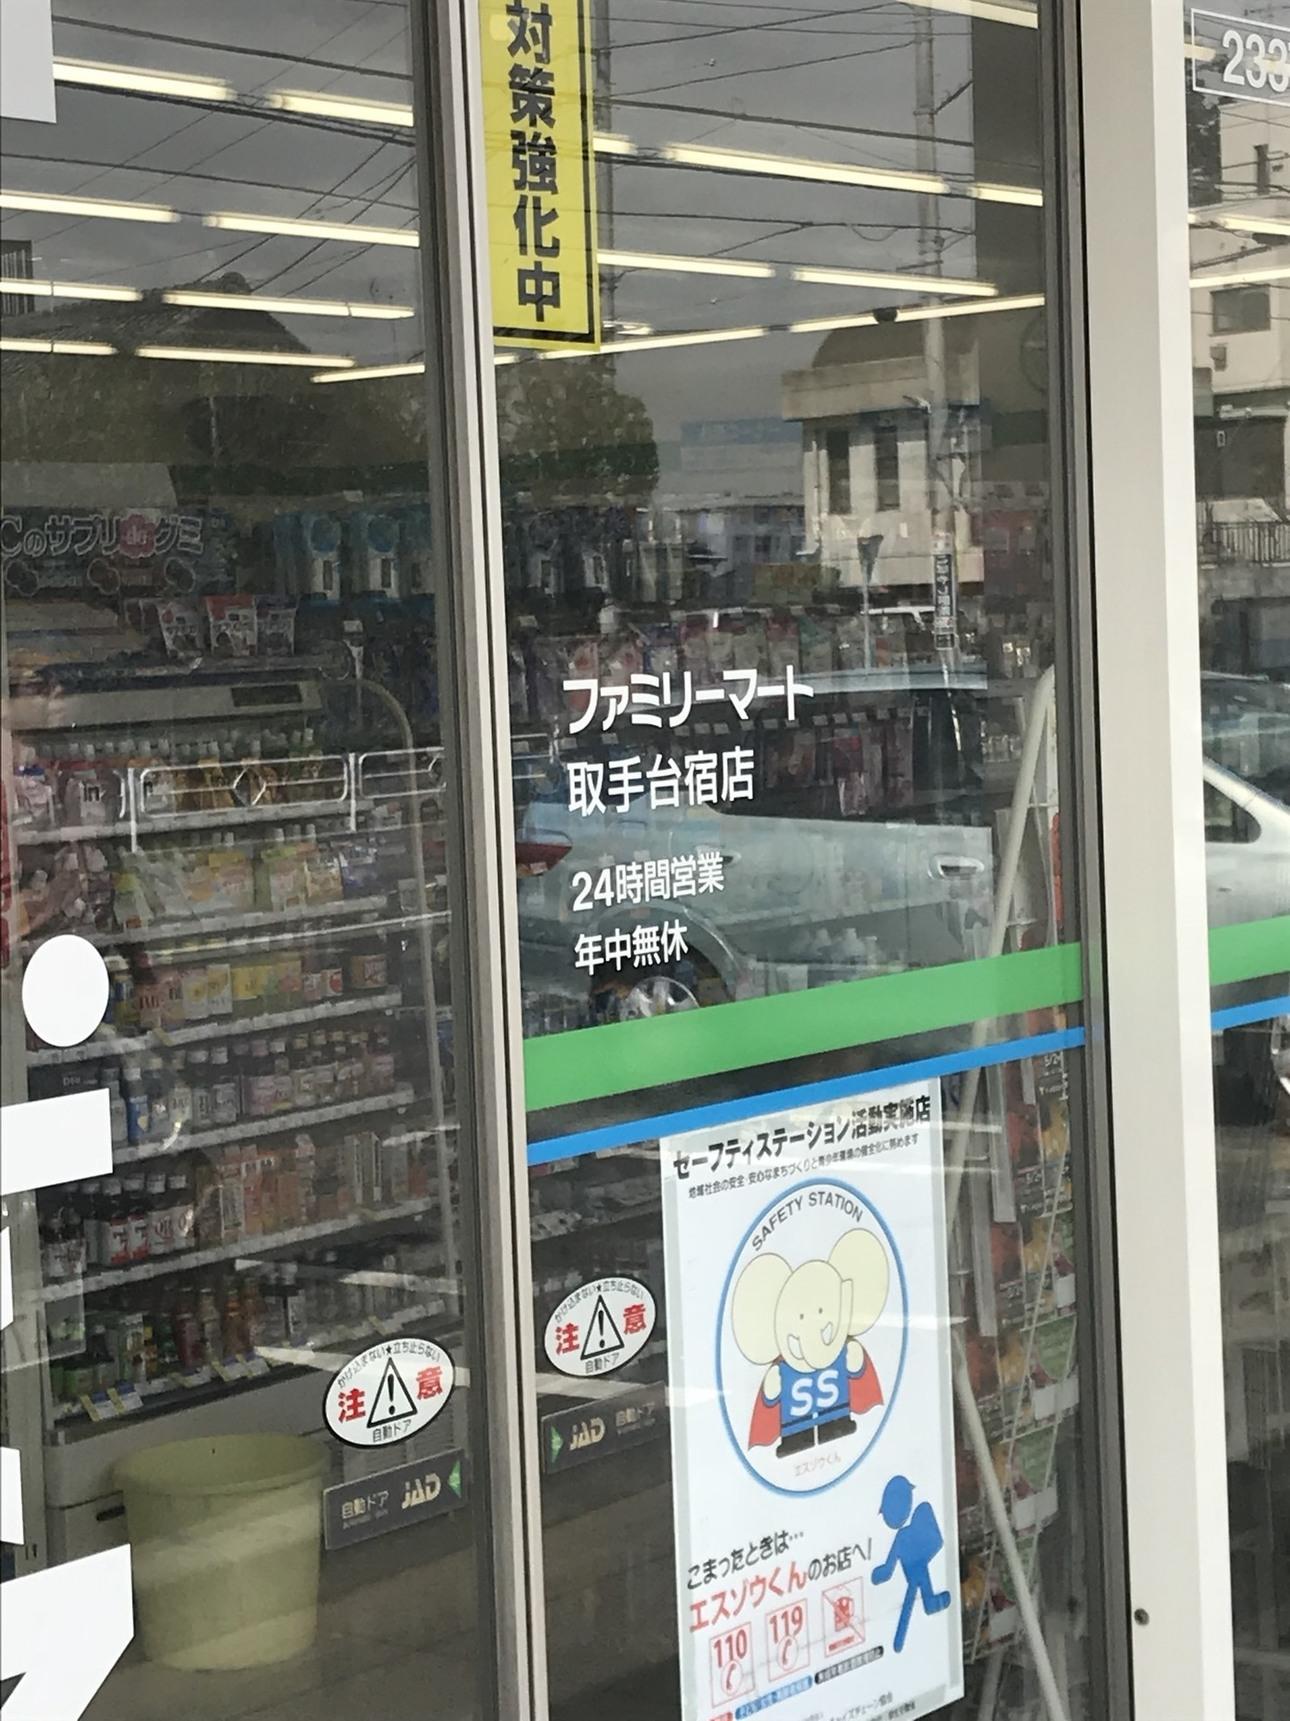 ファミリーマート 取手台宿店 name=